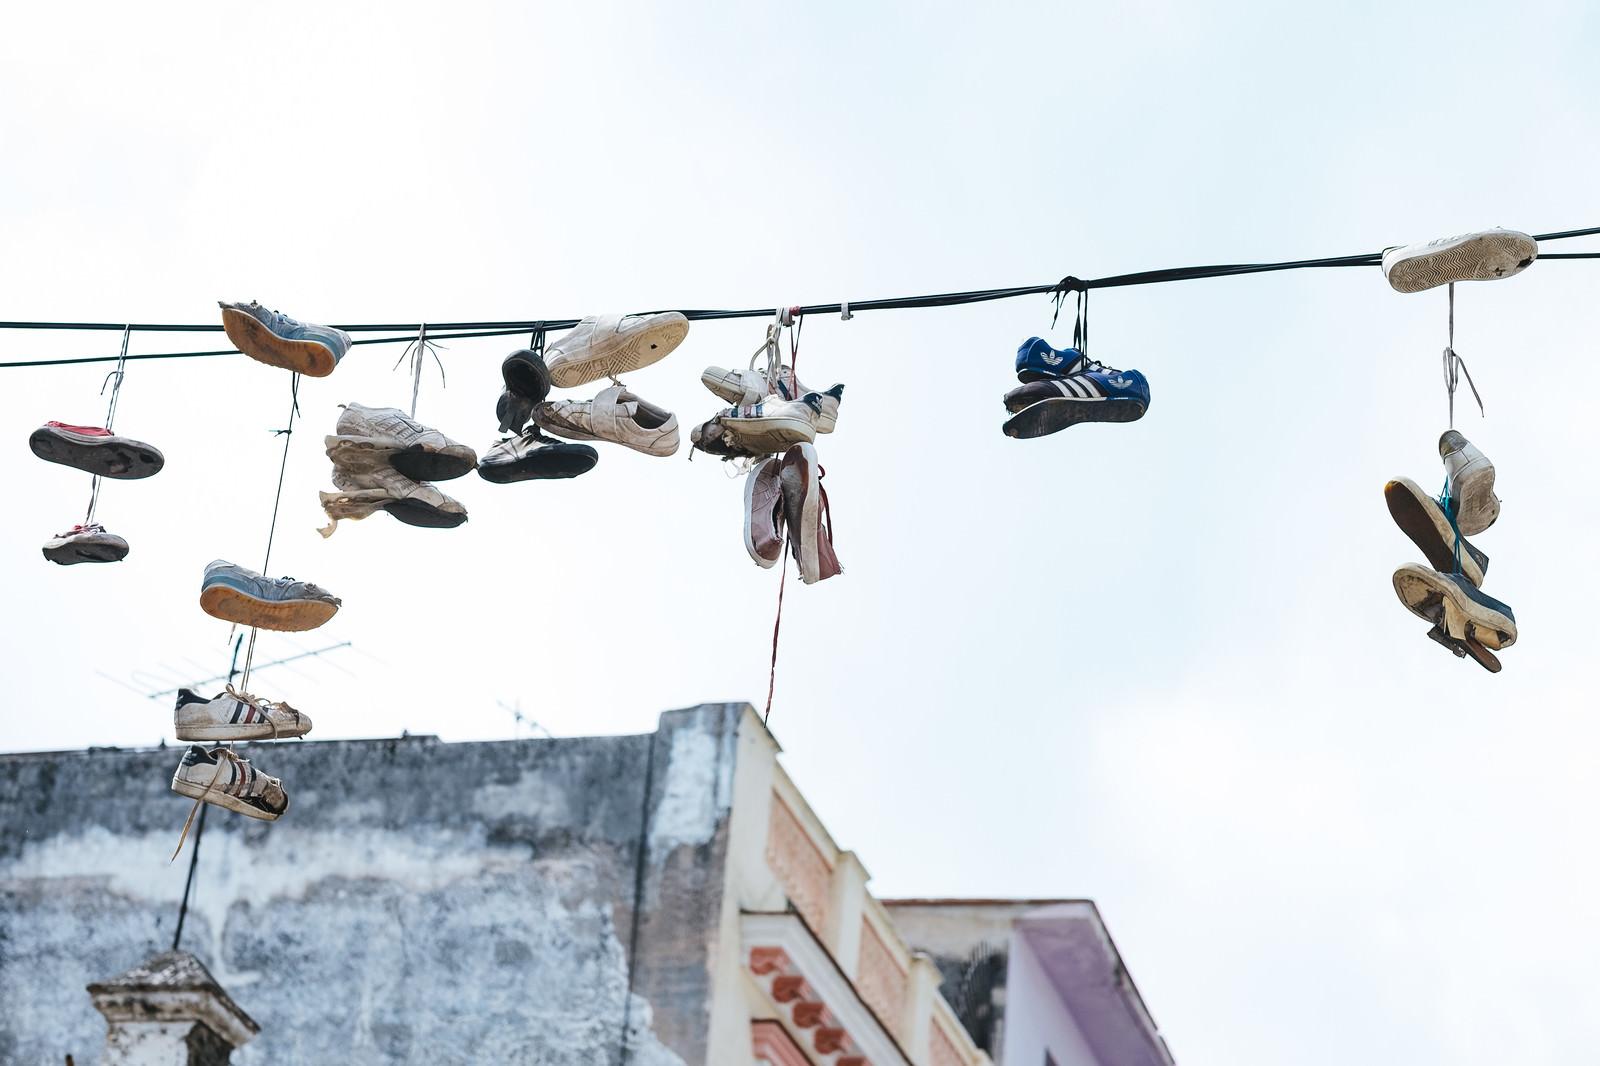 「電線に吊るされたシューズ(キューバ)電線に吊るされたシューズ(キューバ)」のフリー写真素材を拡大